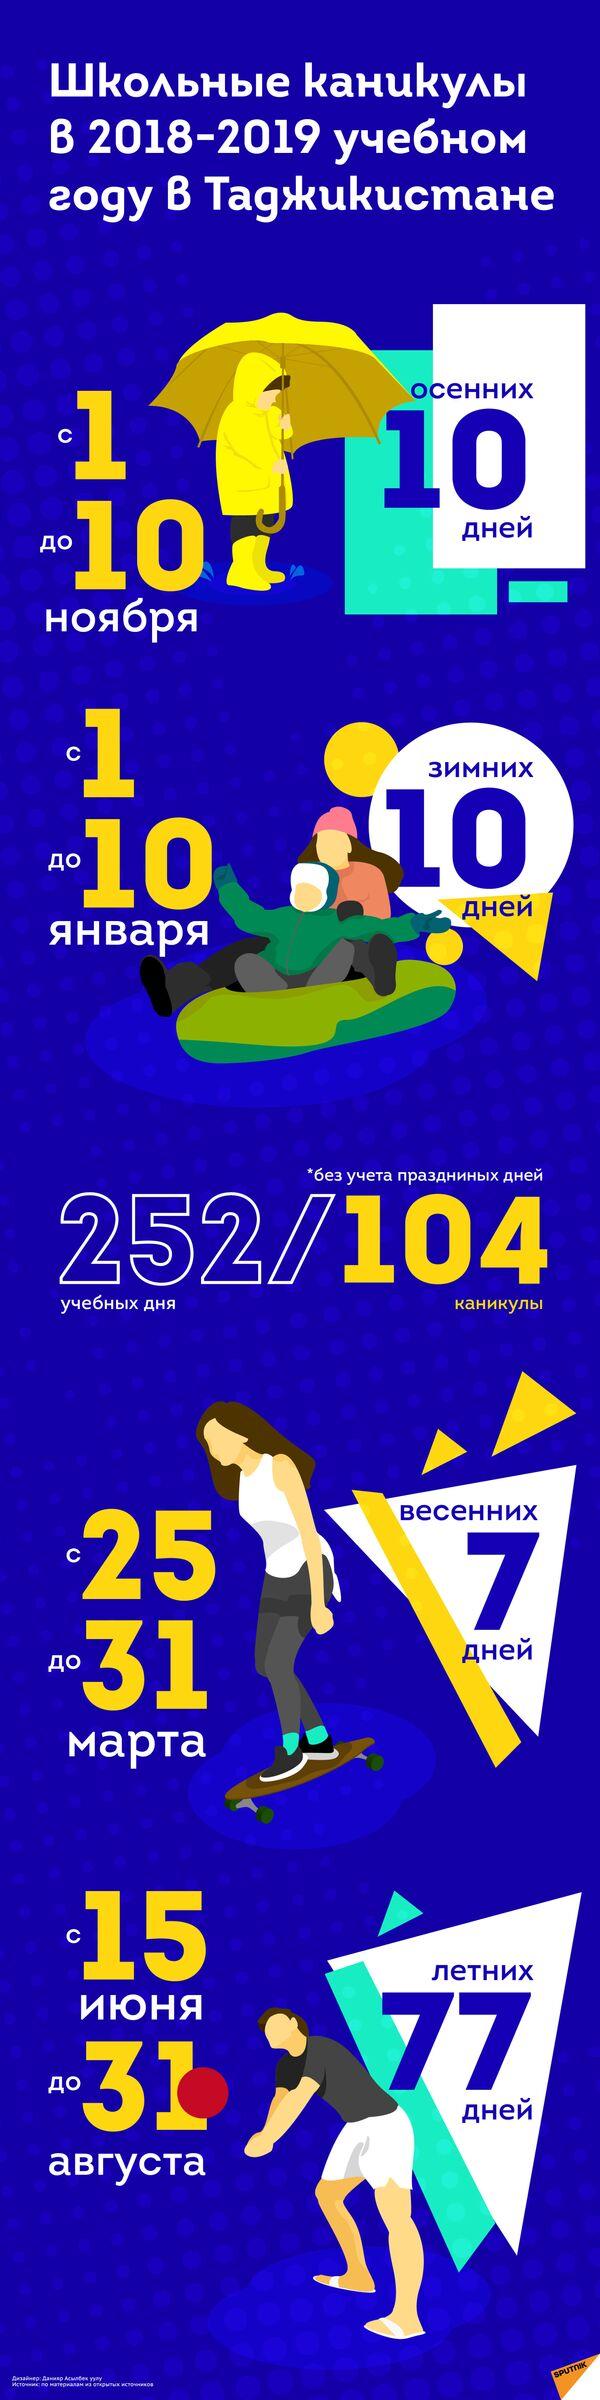 Школьные каникулы в 2018-2019 учебном  году в Таджикистане - Sputnik Таджикистан